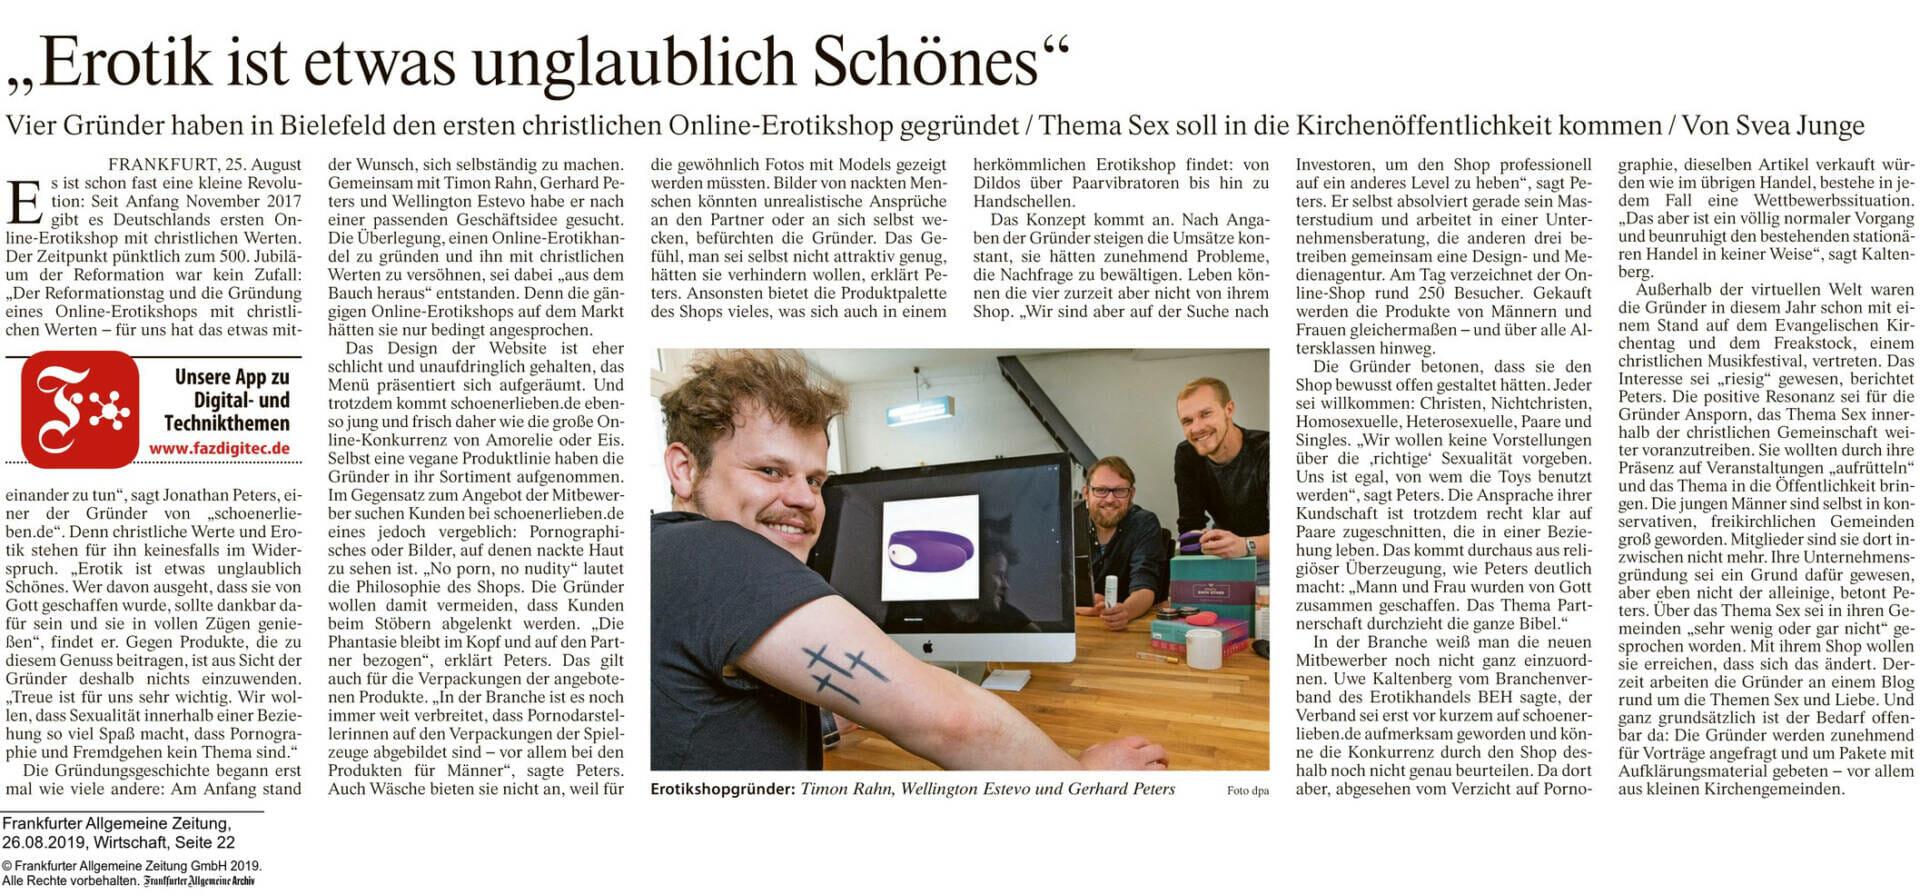 Frankfurter Allgemeine Zeitung schönerlieben Artikel